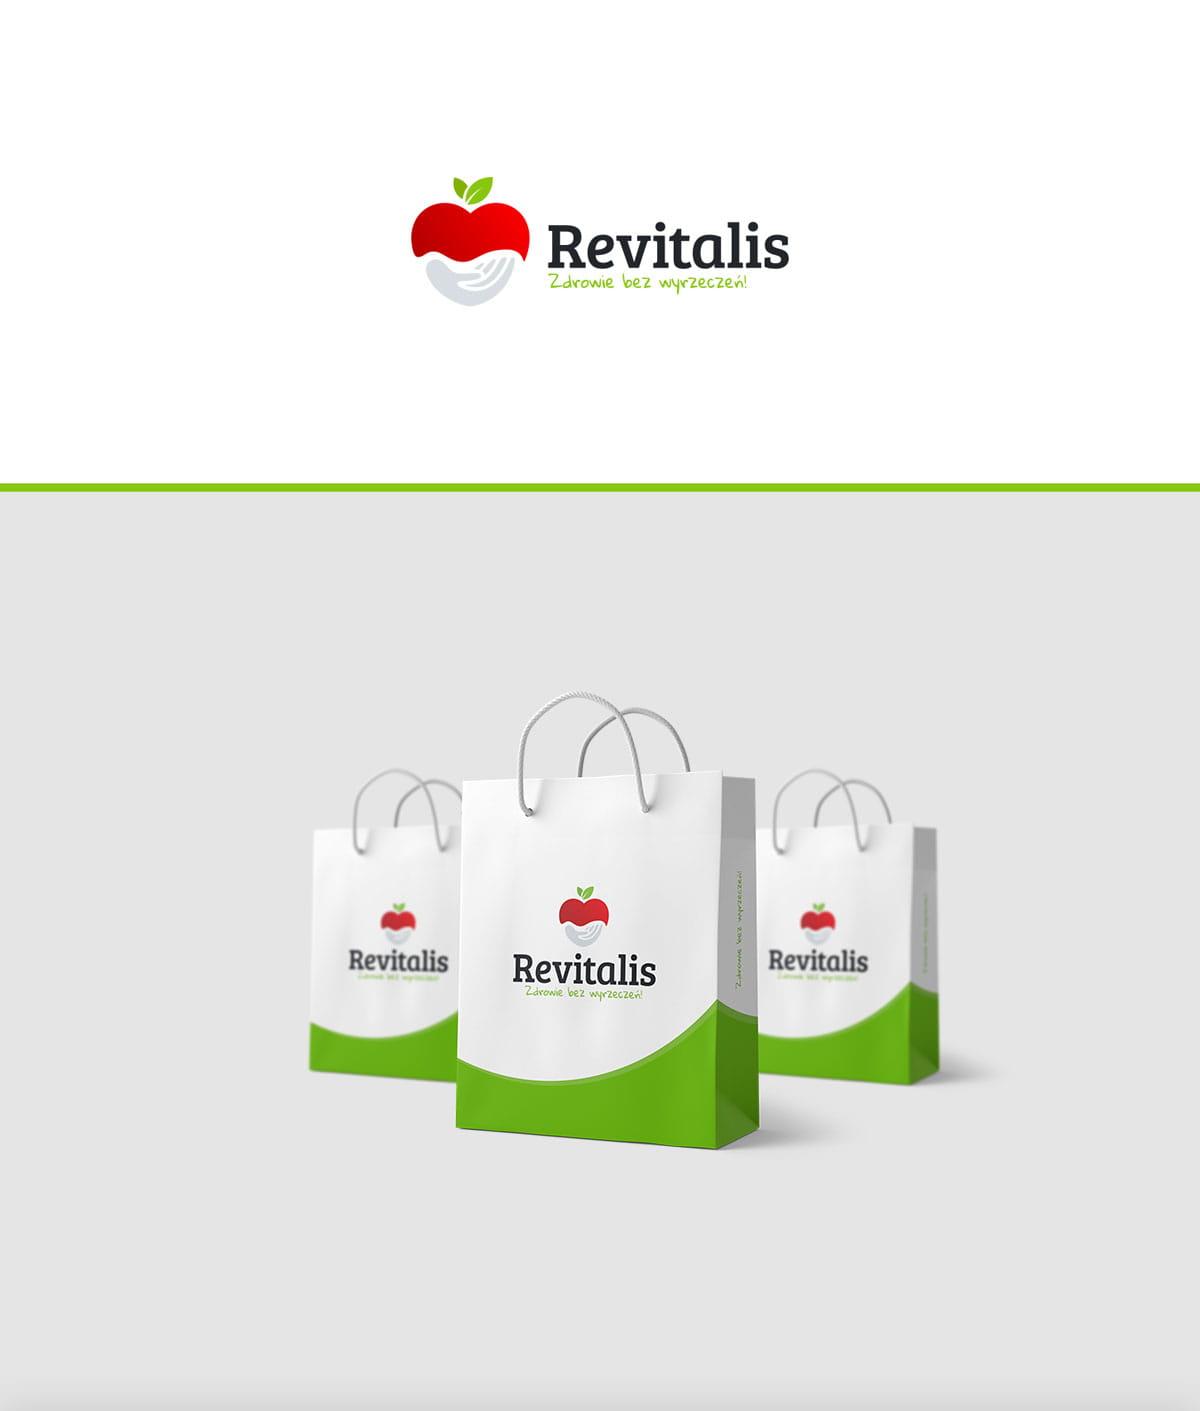 Projekt logo firmy Revitalis - Zdrowie bez wyrzeczeń